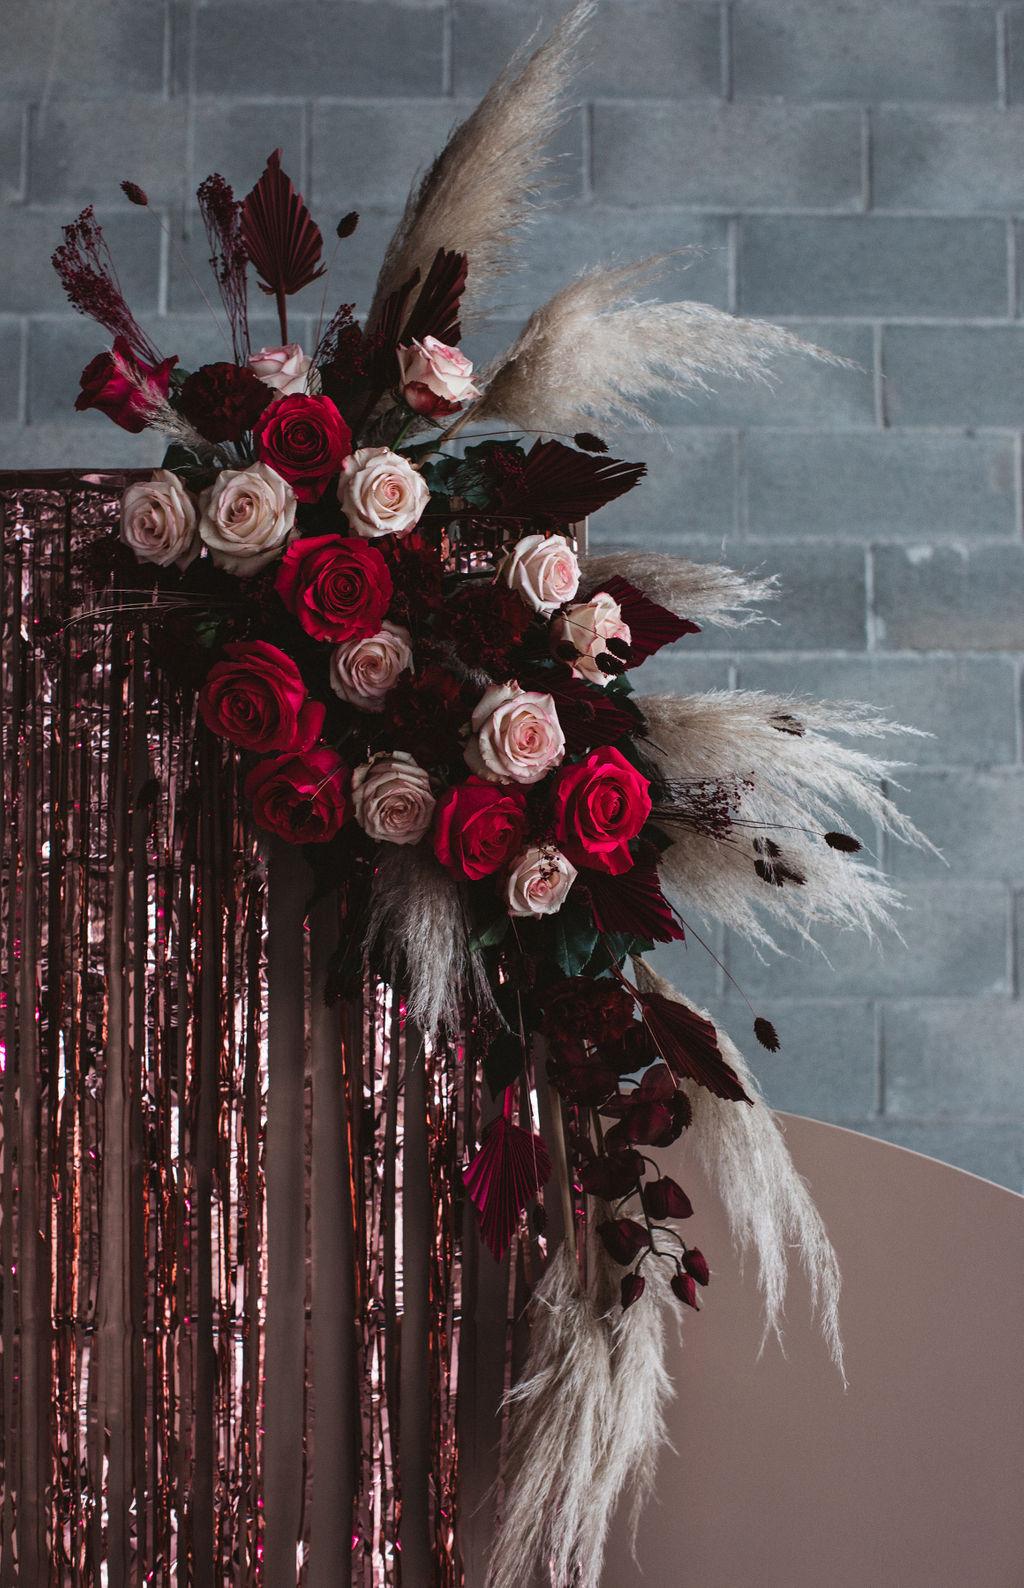 modern industrial wedding - alternative wedding - edgy wedding - unique wedding flowers - unique wedding decor